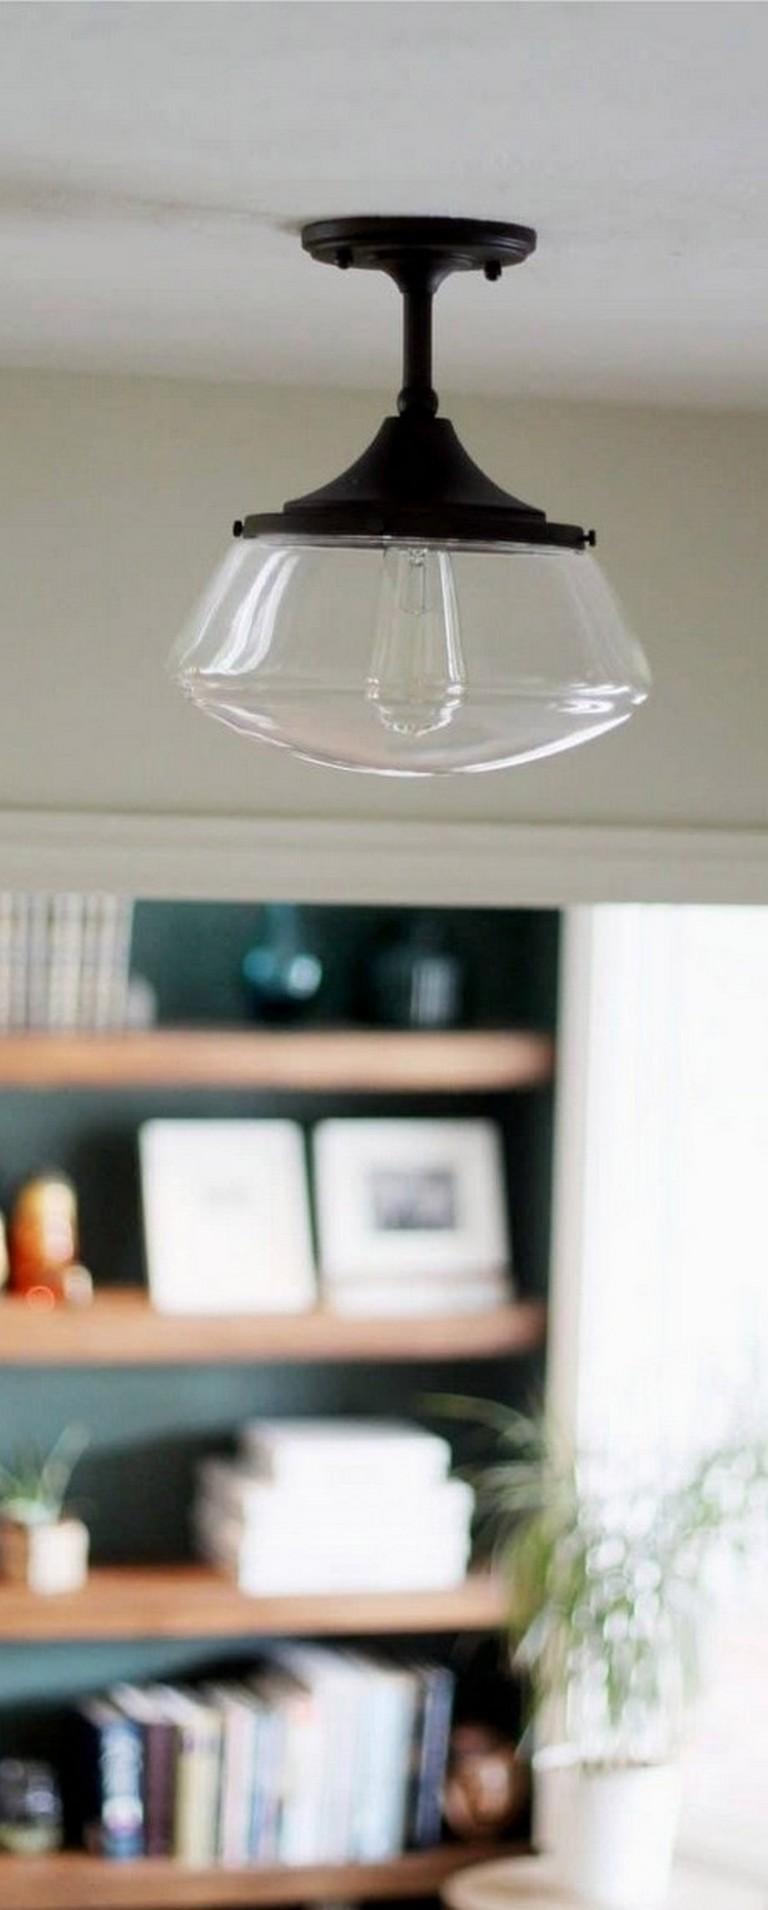 11 farmhouse style bathroom light fixtures